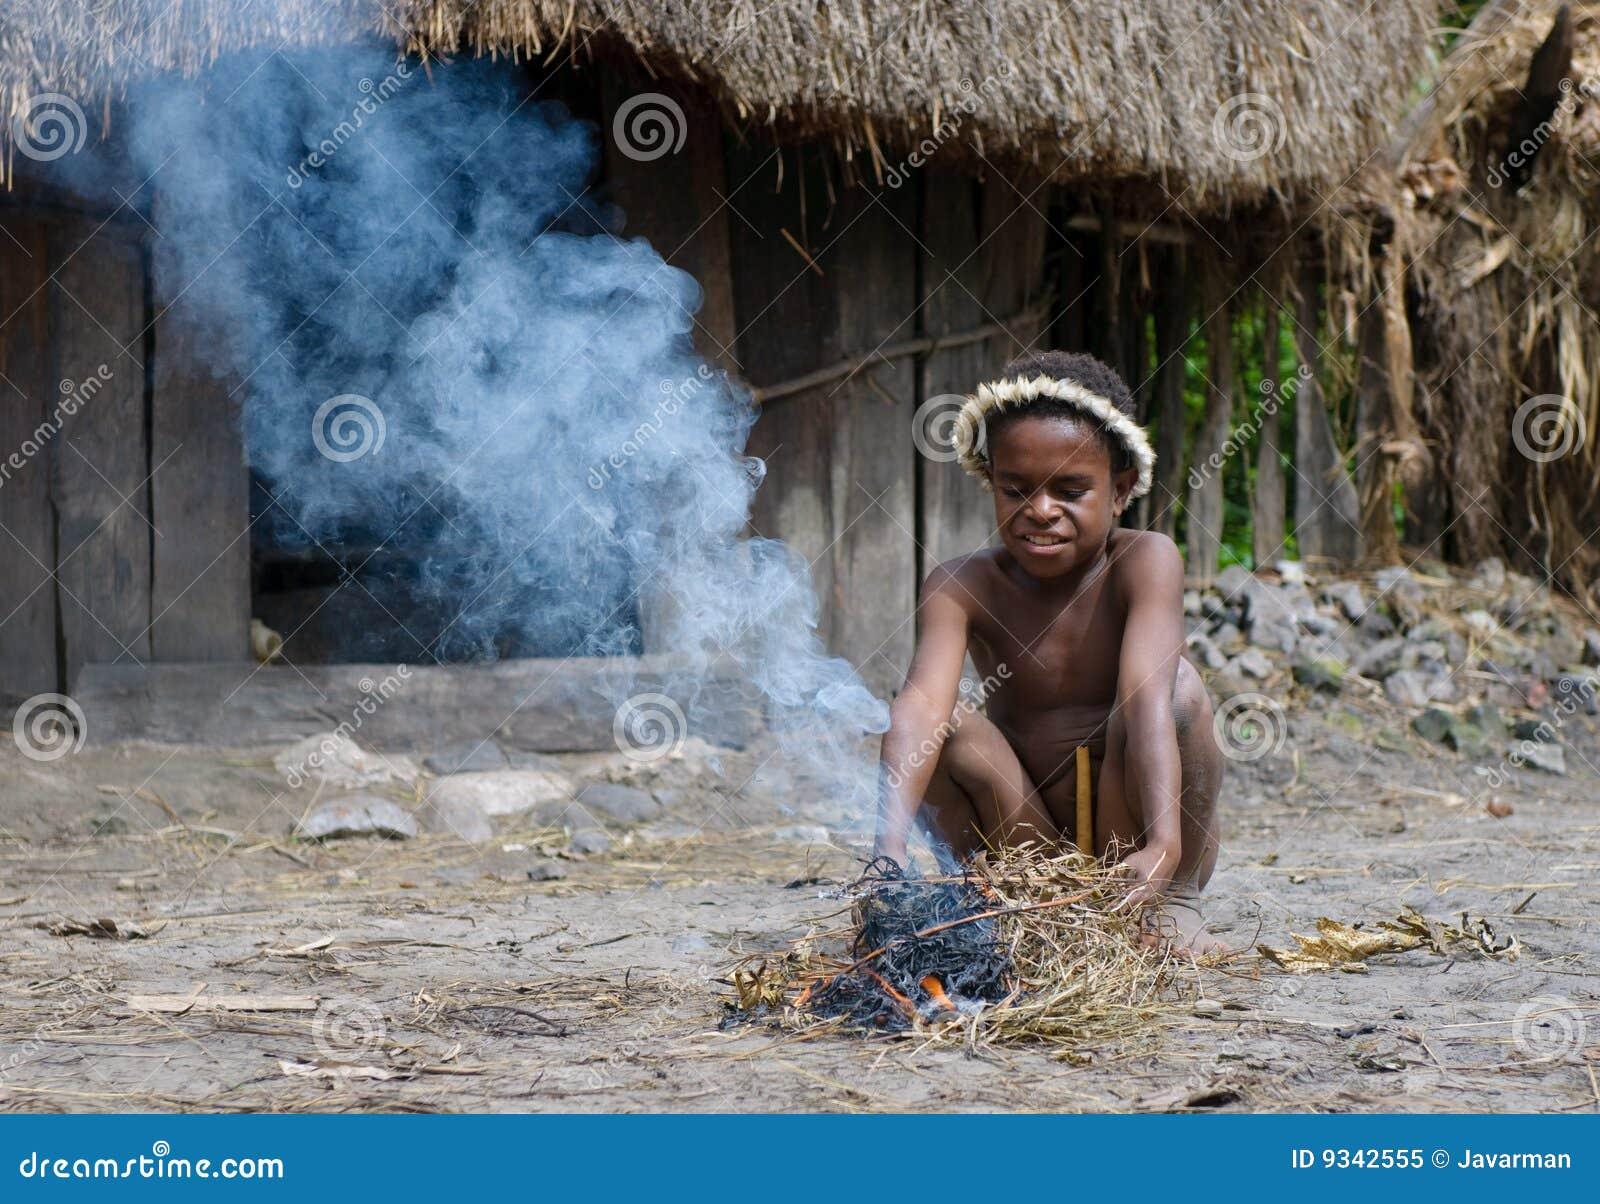 Papuanjunge, der Feuer, Wamena, Papua, Indonesien bildet